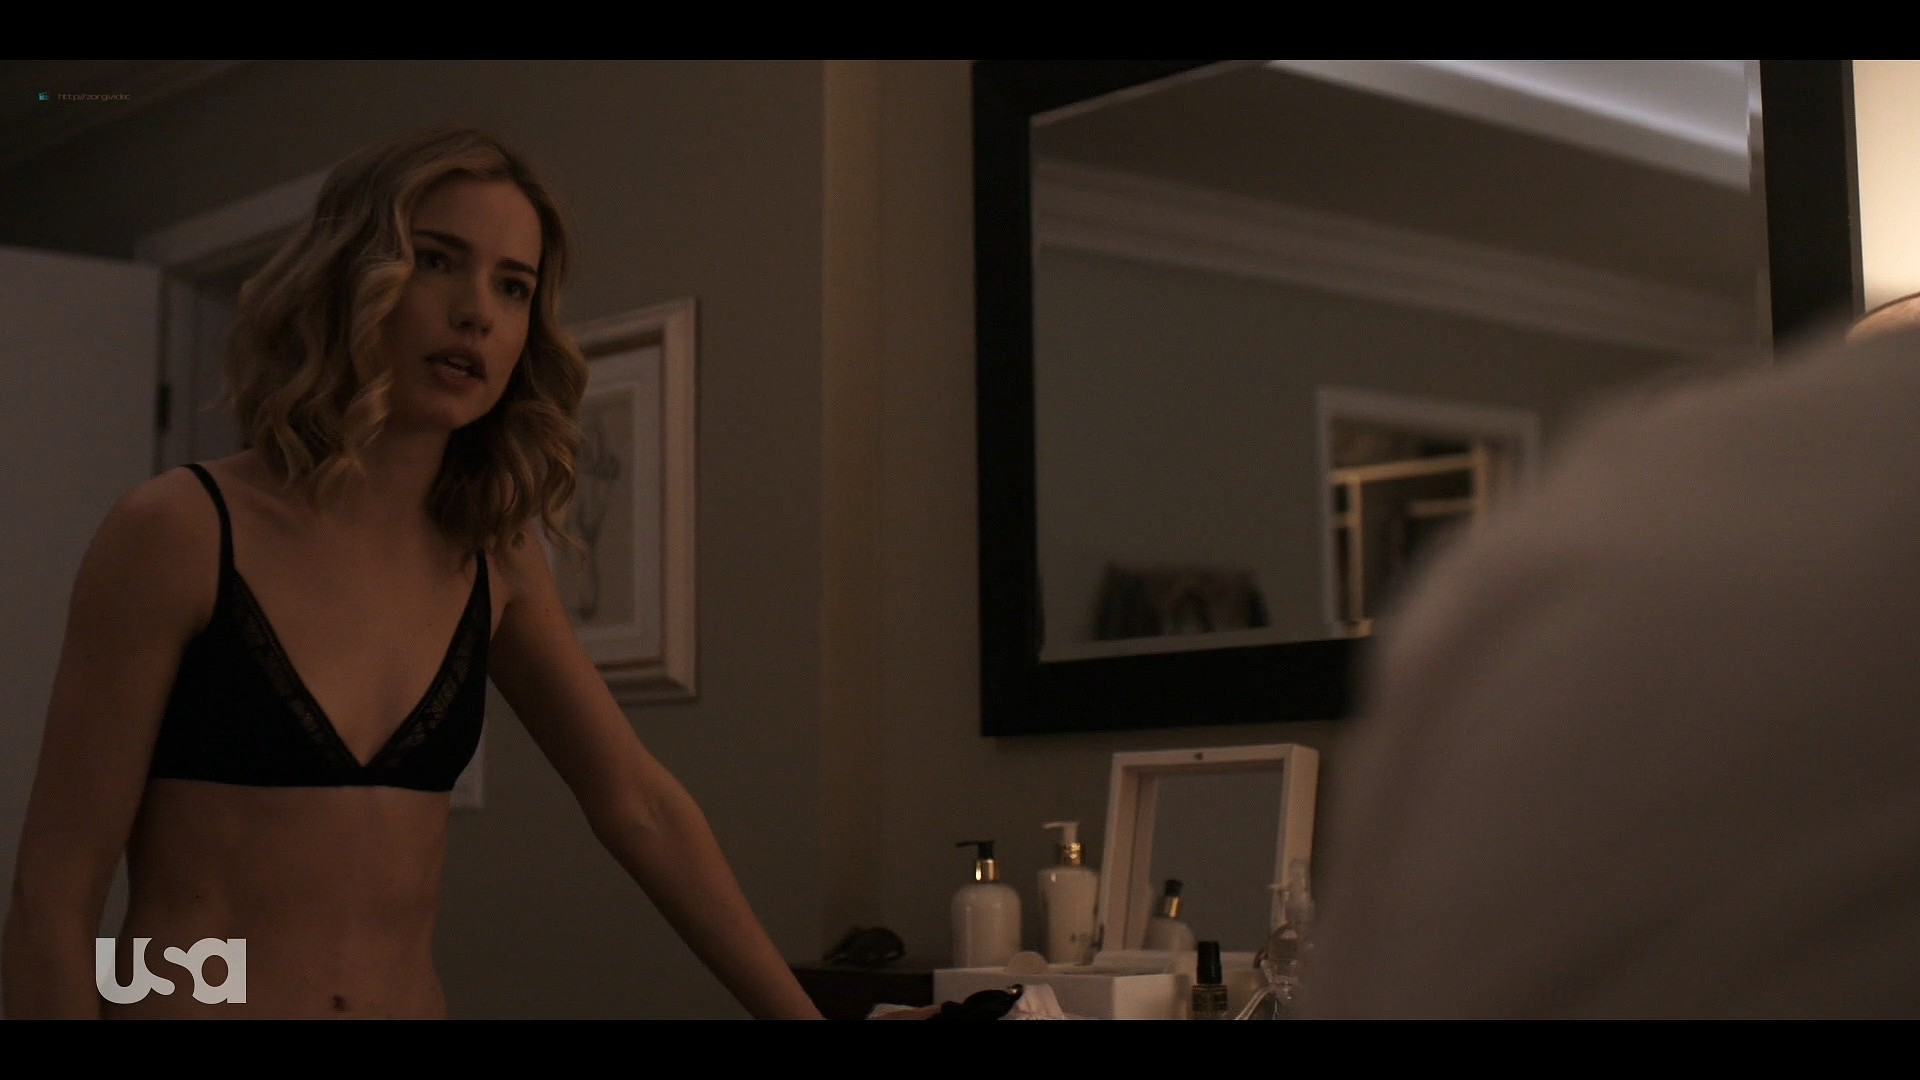 Willa Fitzgerald hot in lingerie Marlo Kelly, Herizen F. Guardiola sexy - Dare Me (2019) s1e4 HD 1080p (4)